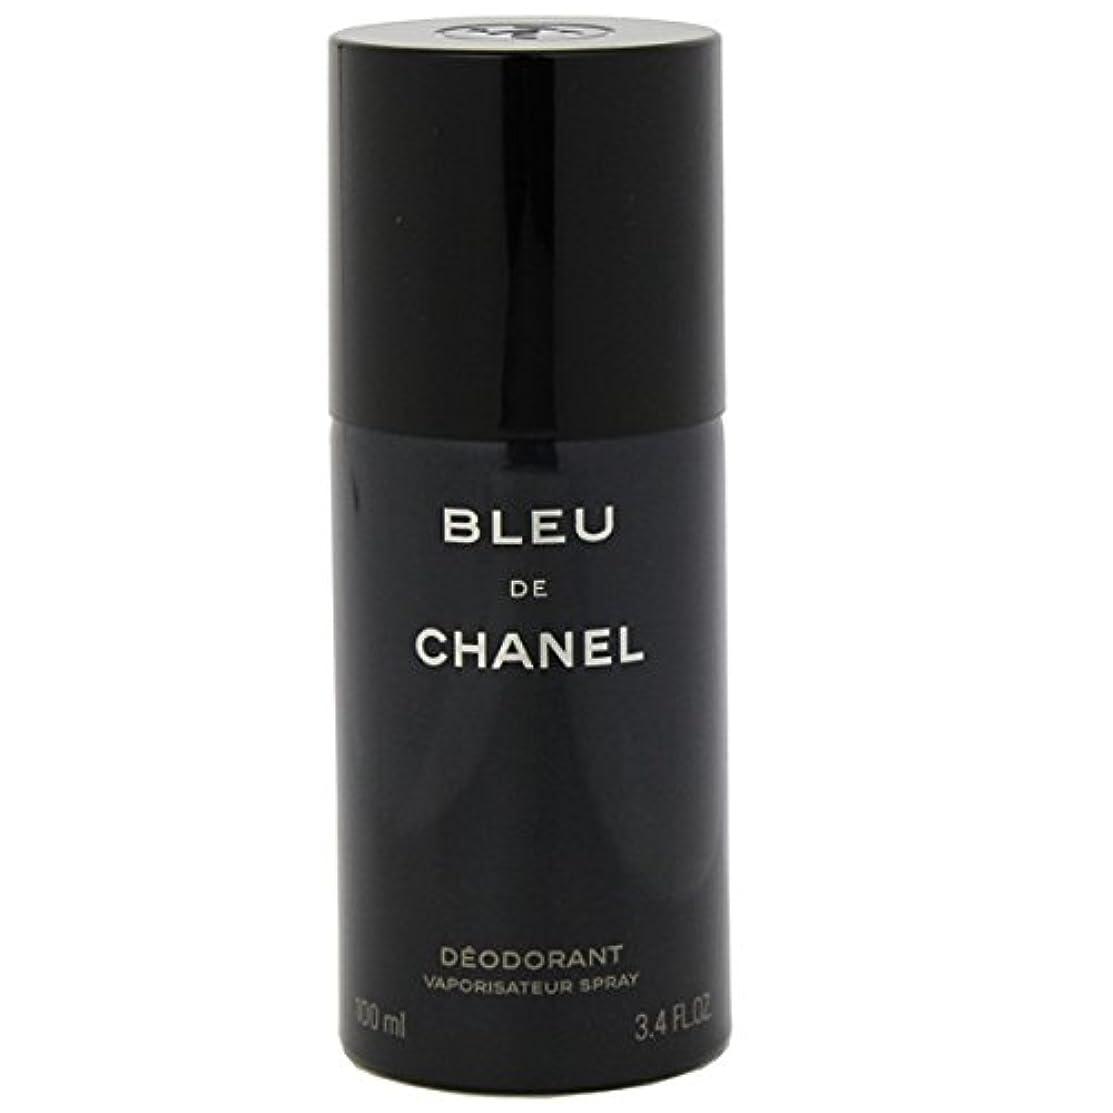 取り付け具体的に製作シャネル(CHANEL) ブルー ドゥ シャネル デオドラントスプレー 100ml [並行輸入品]